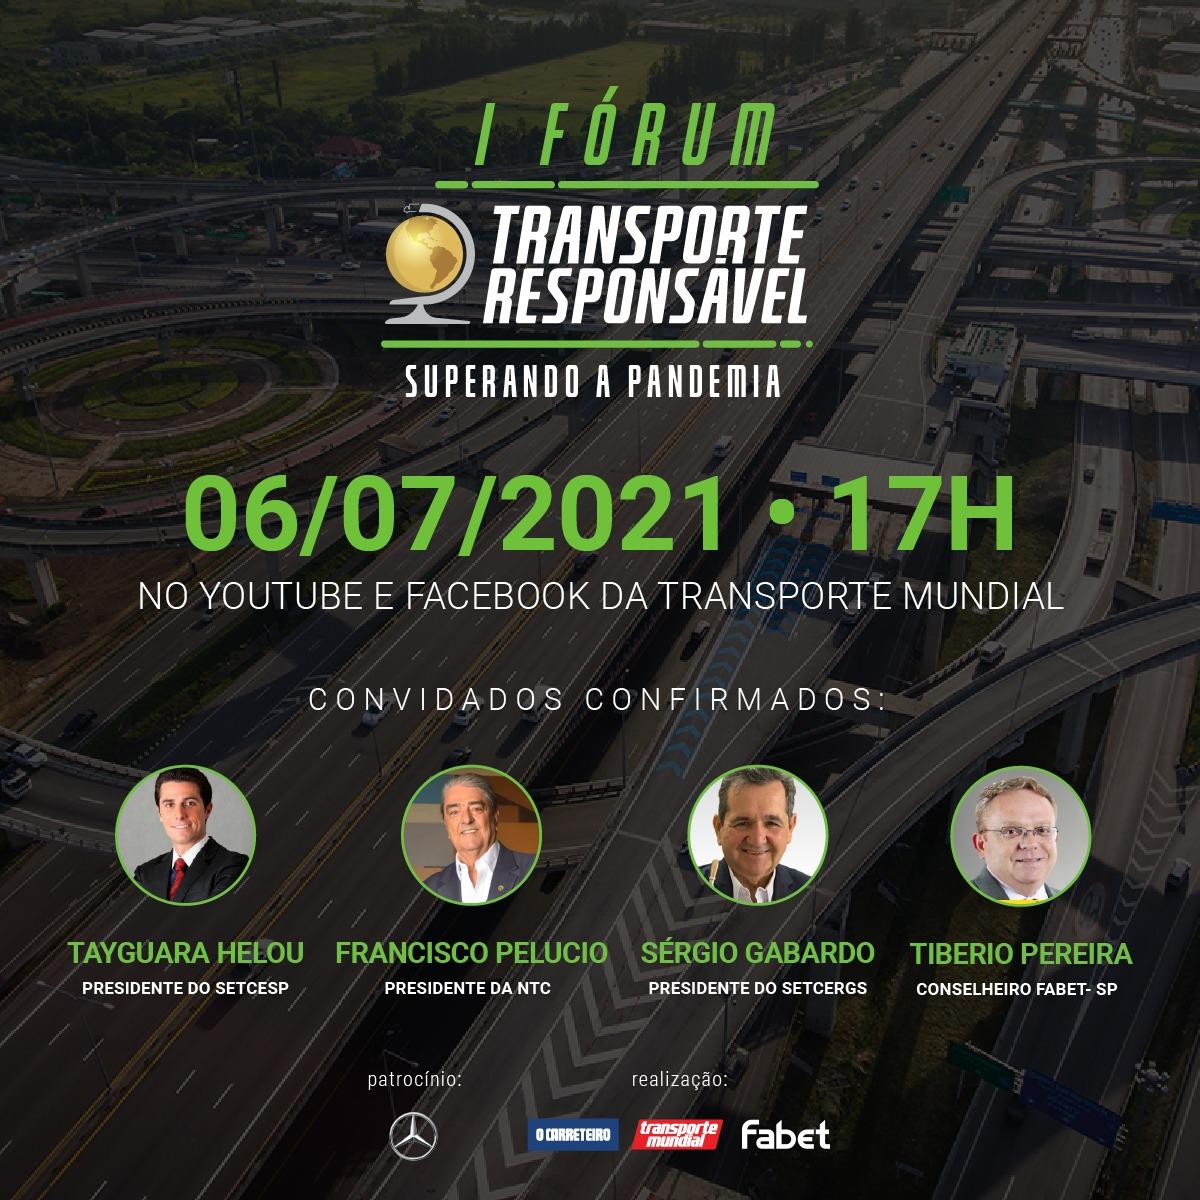 1º Fórum Transporte Responsável é realizado no próximo dia 6 de julho